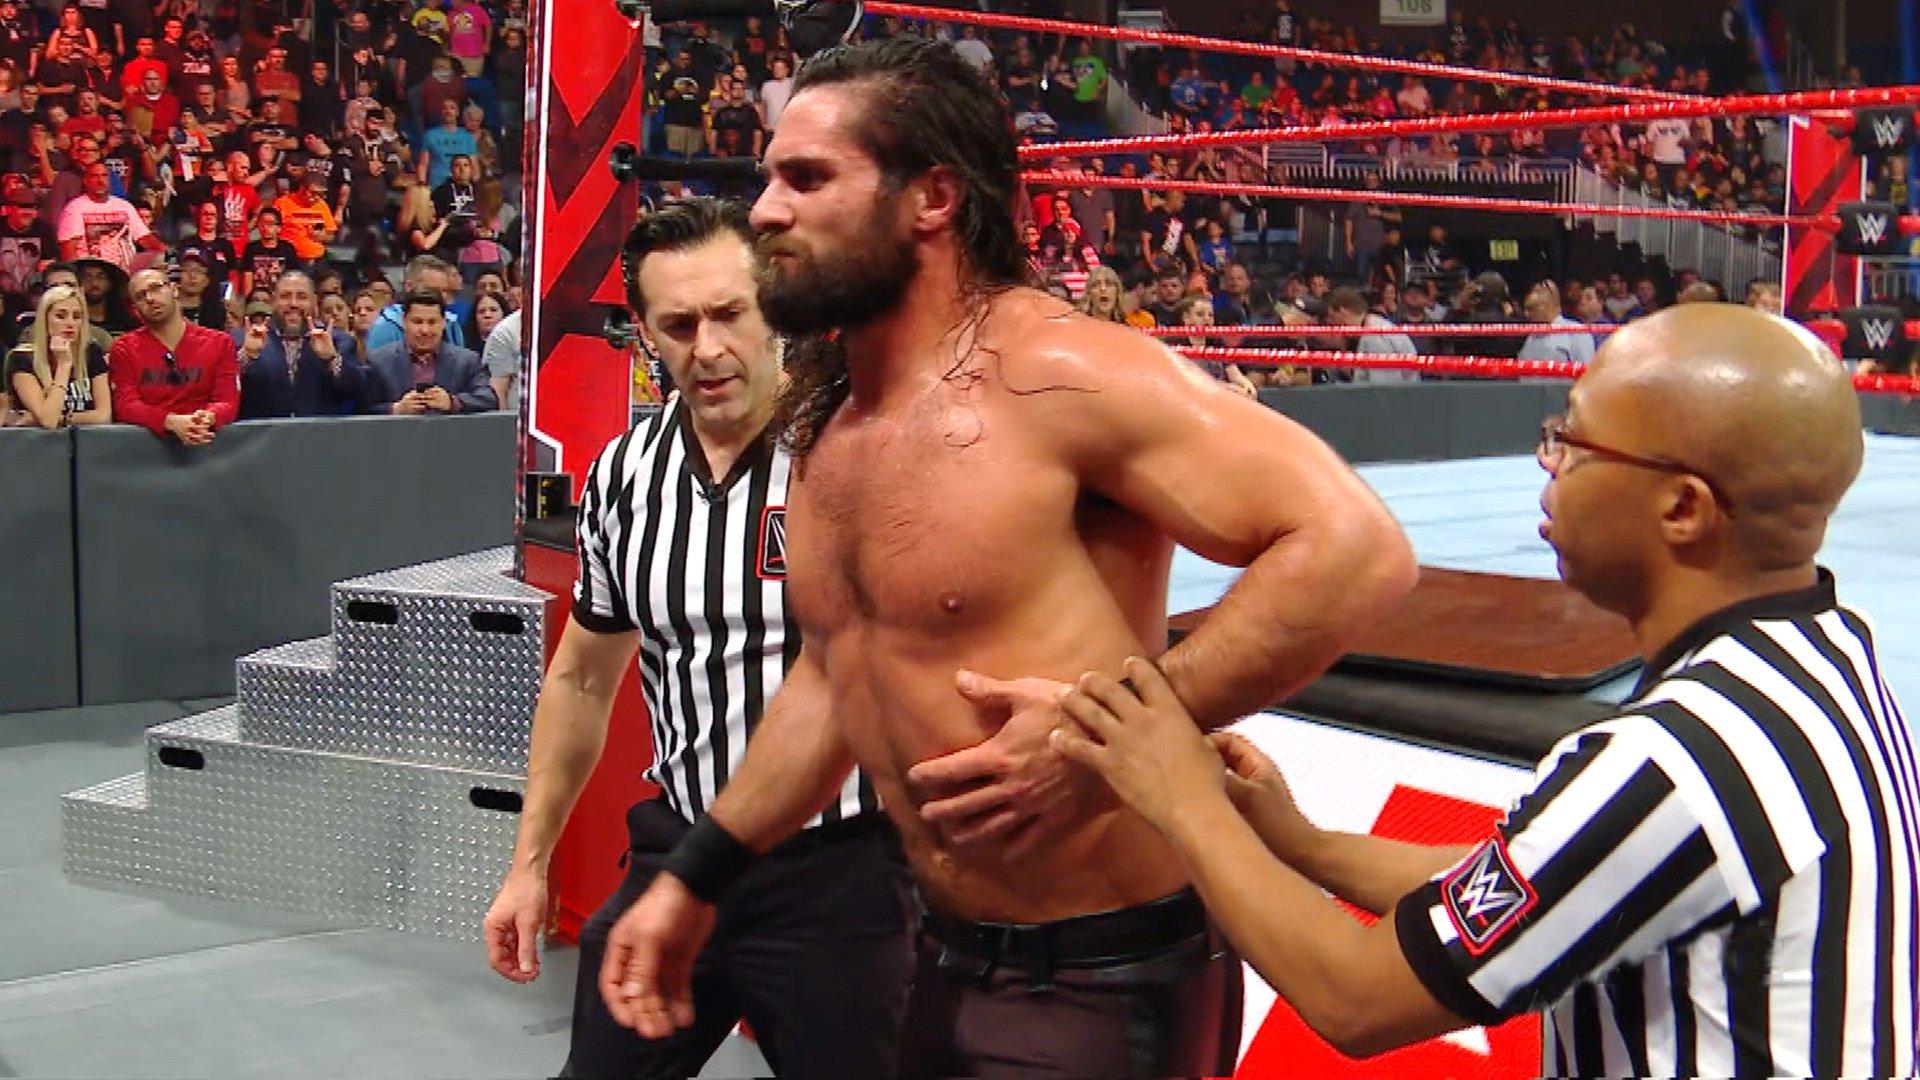 Seth Rollins récupére après l'assaut brutal de Bobby Lashley: Exclusivité WWE.fr, 7 Janvier 2019